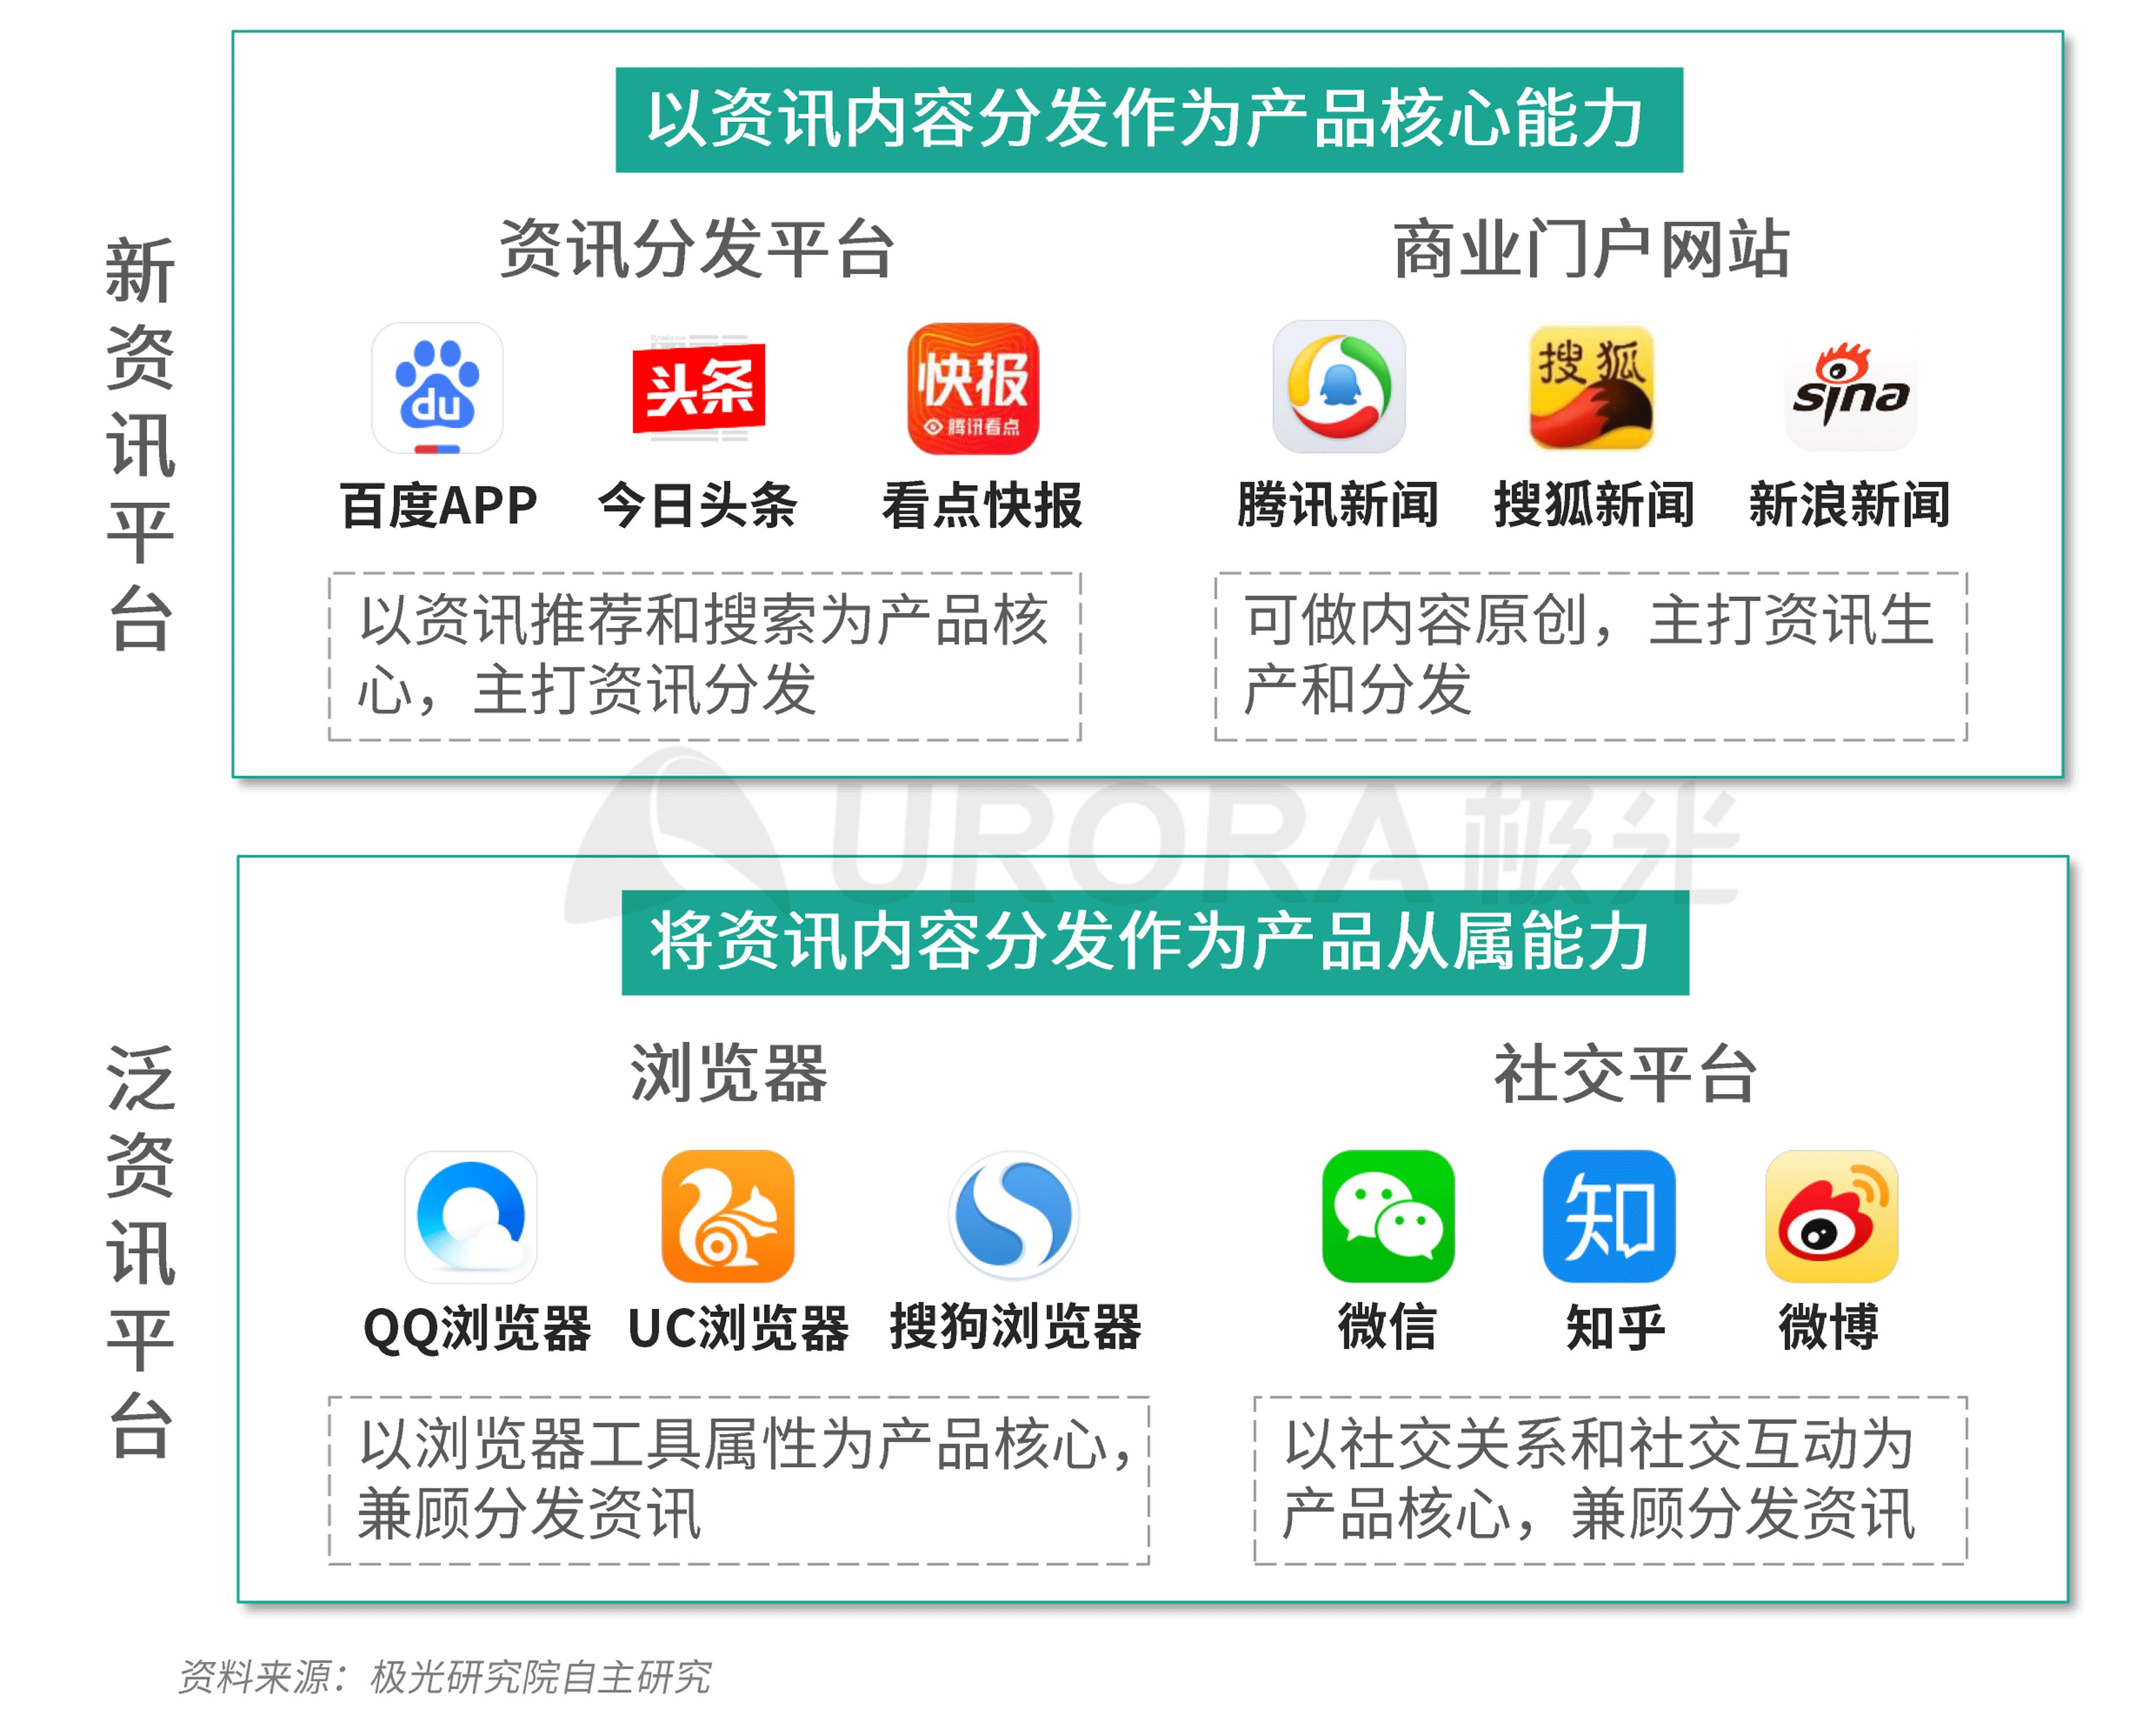 极光:新资讯行业系列报告--内容篇 (1).png